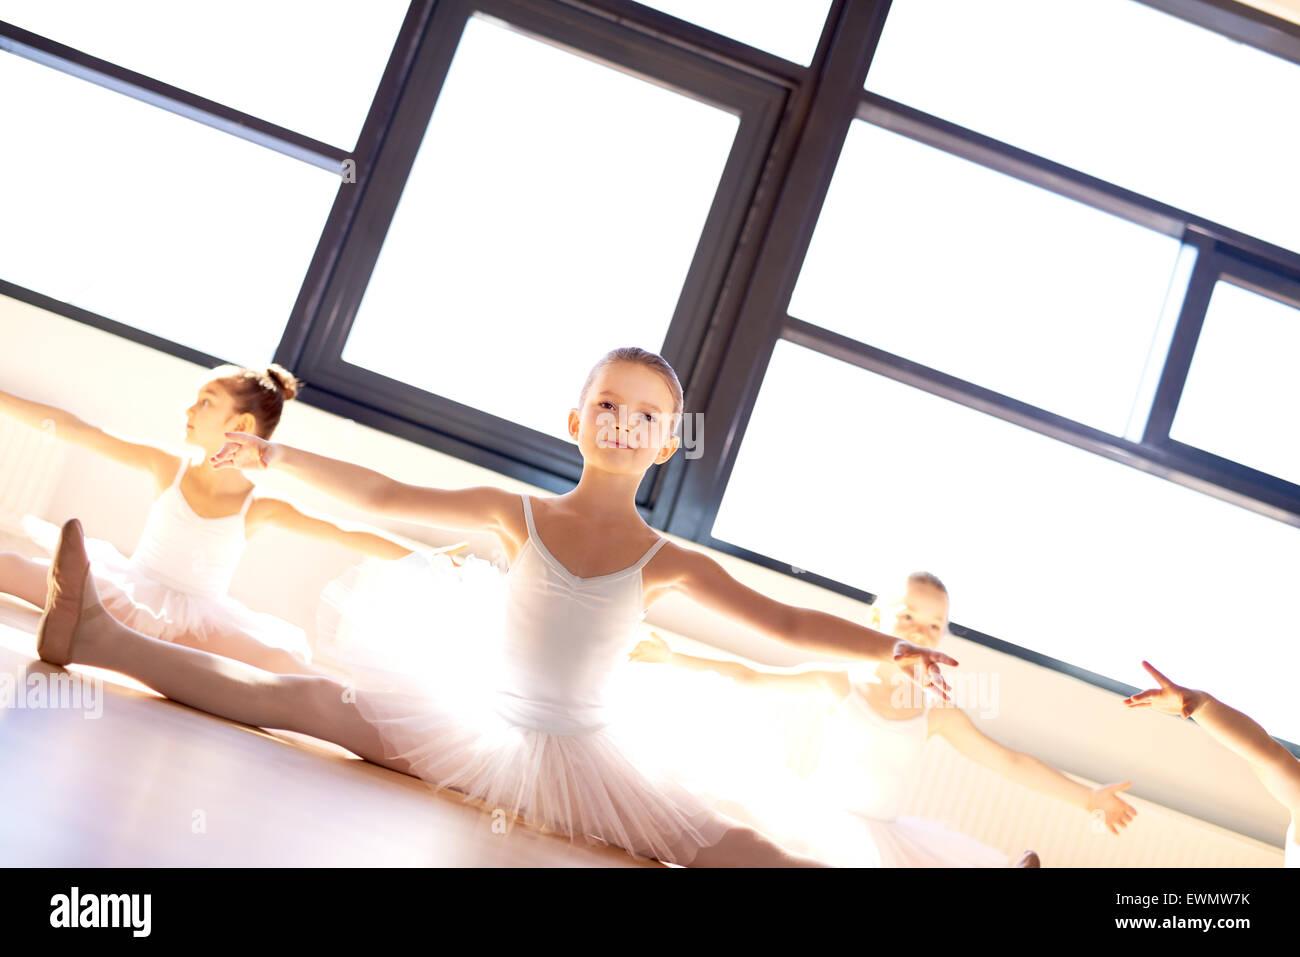 Pretty little ballerina nella classe di balletto seduta sul pavimento di legno in un luminoso soleggiato dance studio Immagini Stock